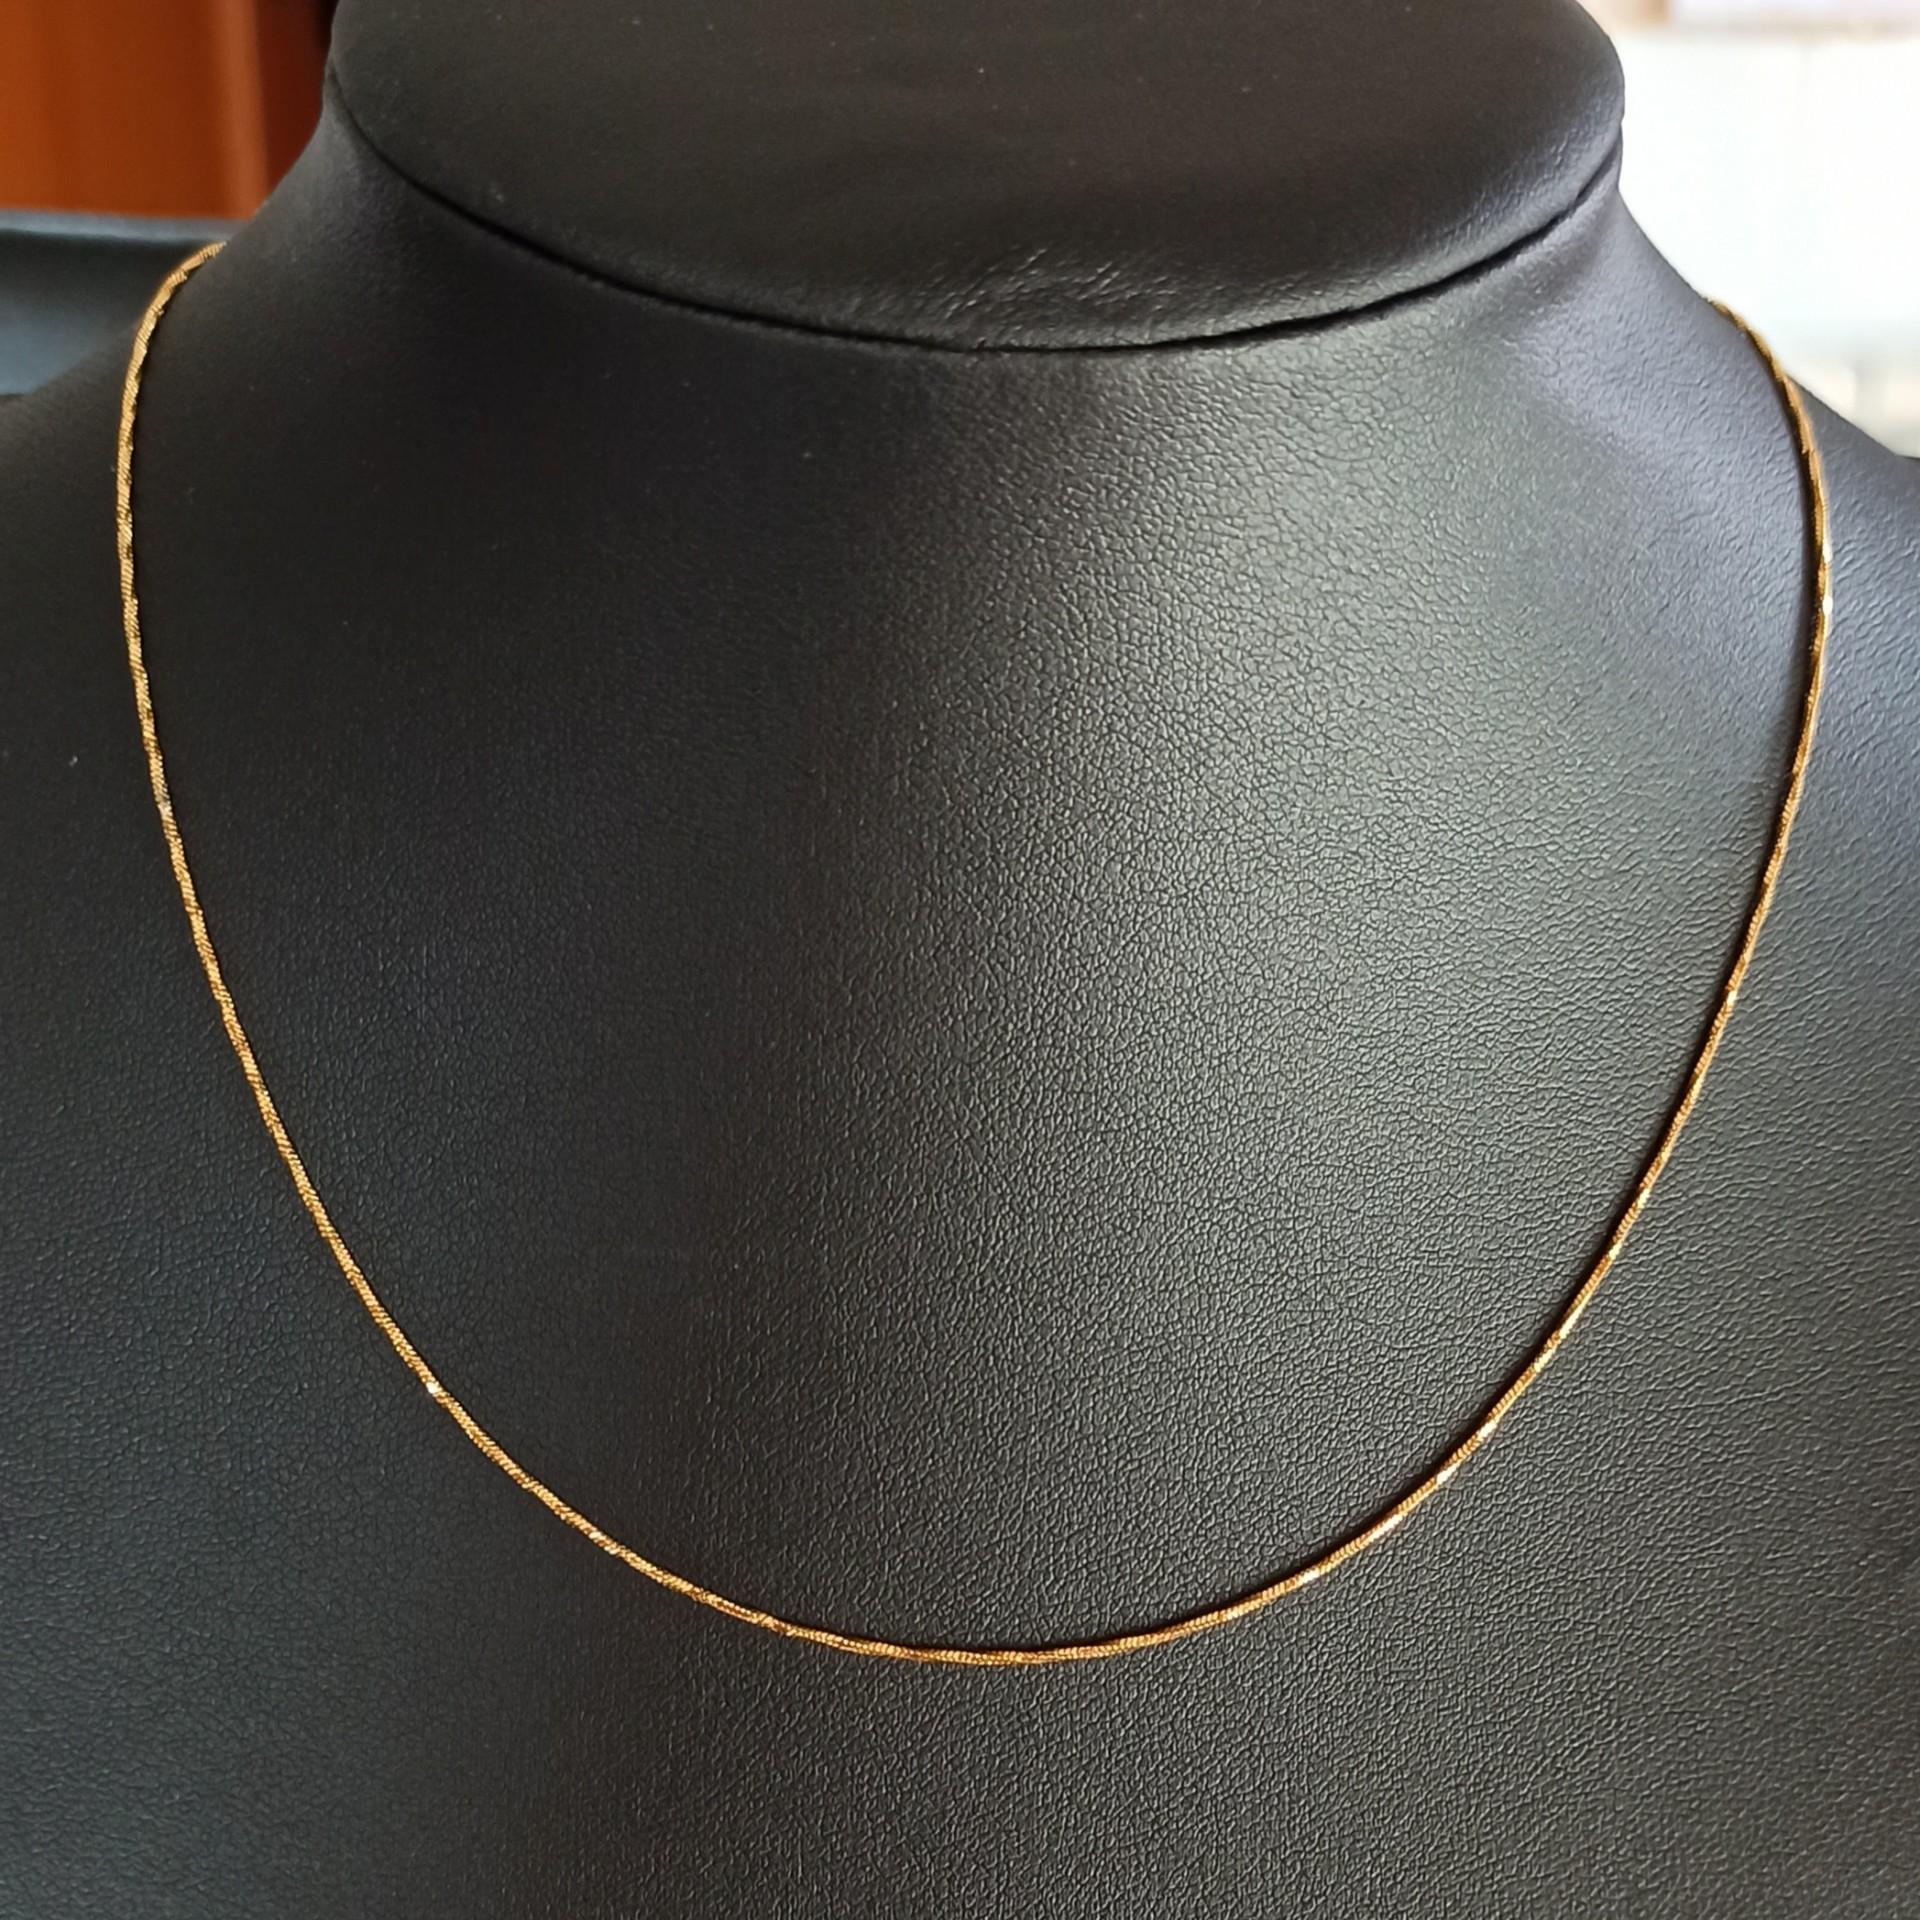 Fio de aço inoxidável cor ouro